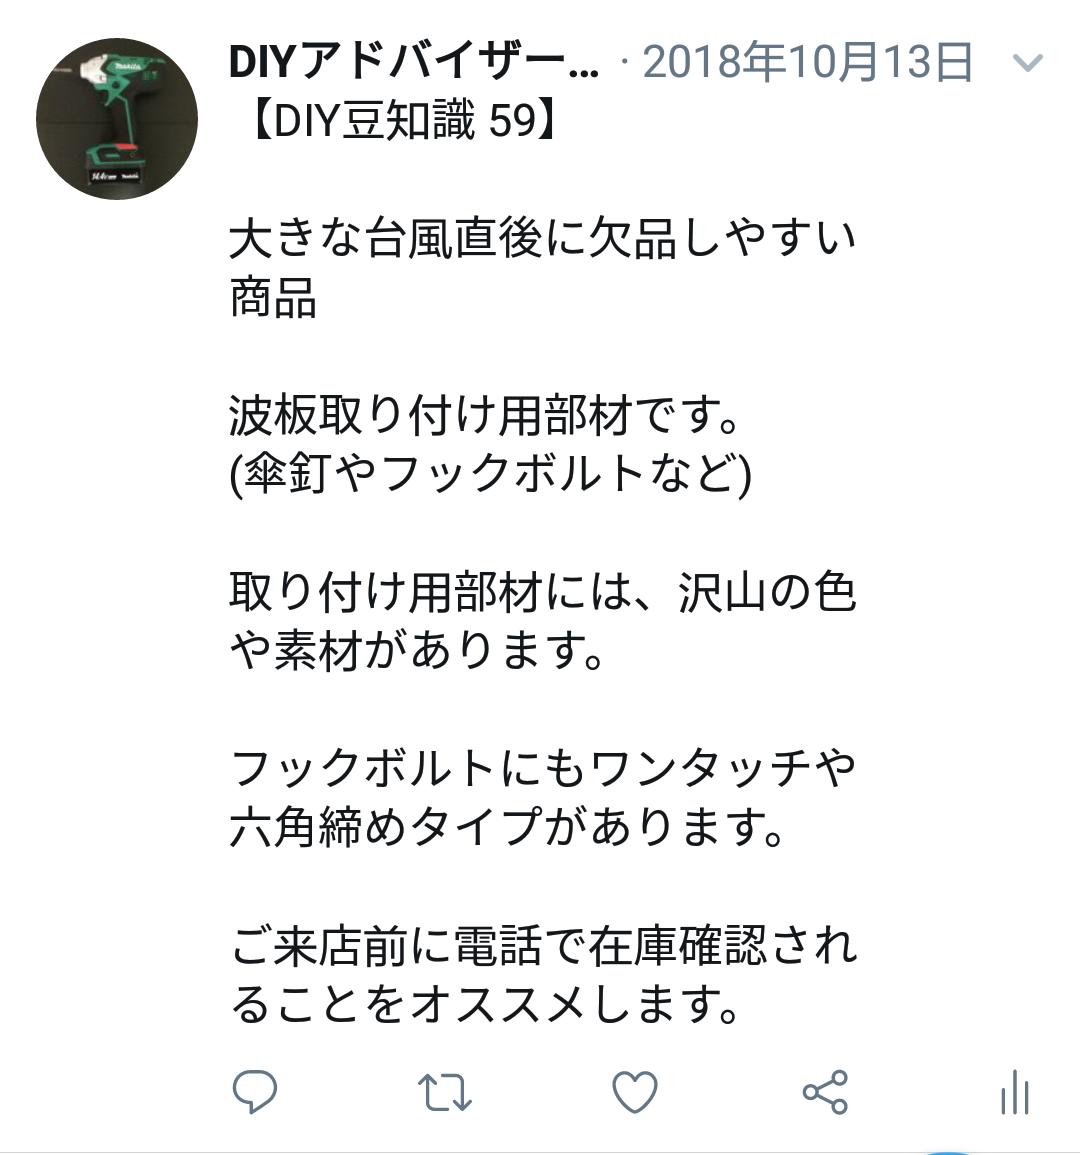 f:id:DIY33:20190405211618p:plain